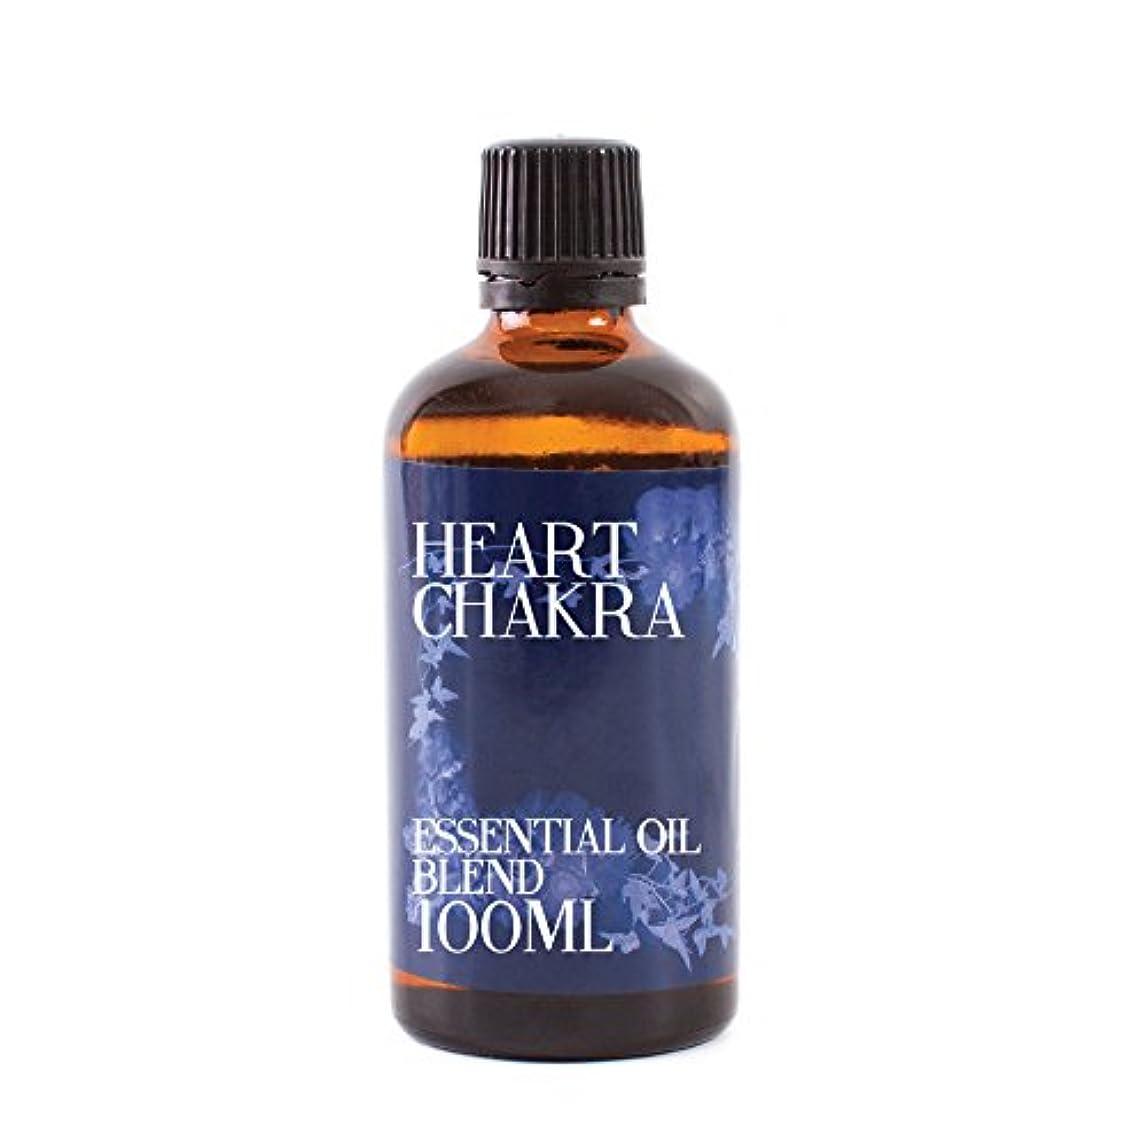 パン屋ペンダント実験室Mystic Moments | Heart Chakra | Essential Oil Blend - 100ml